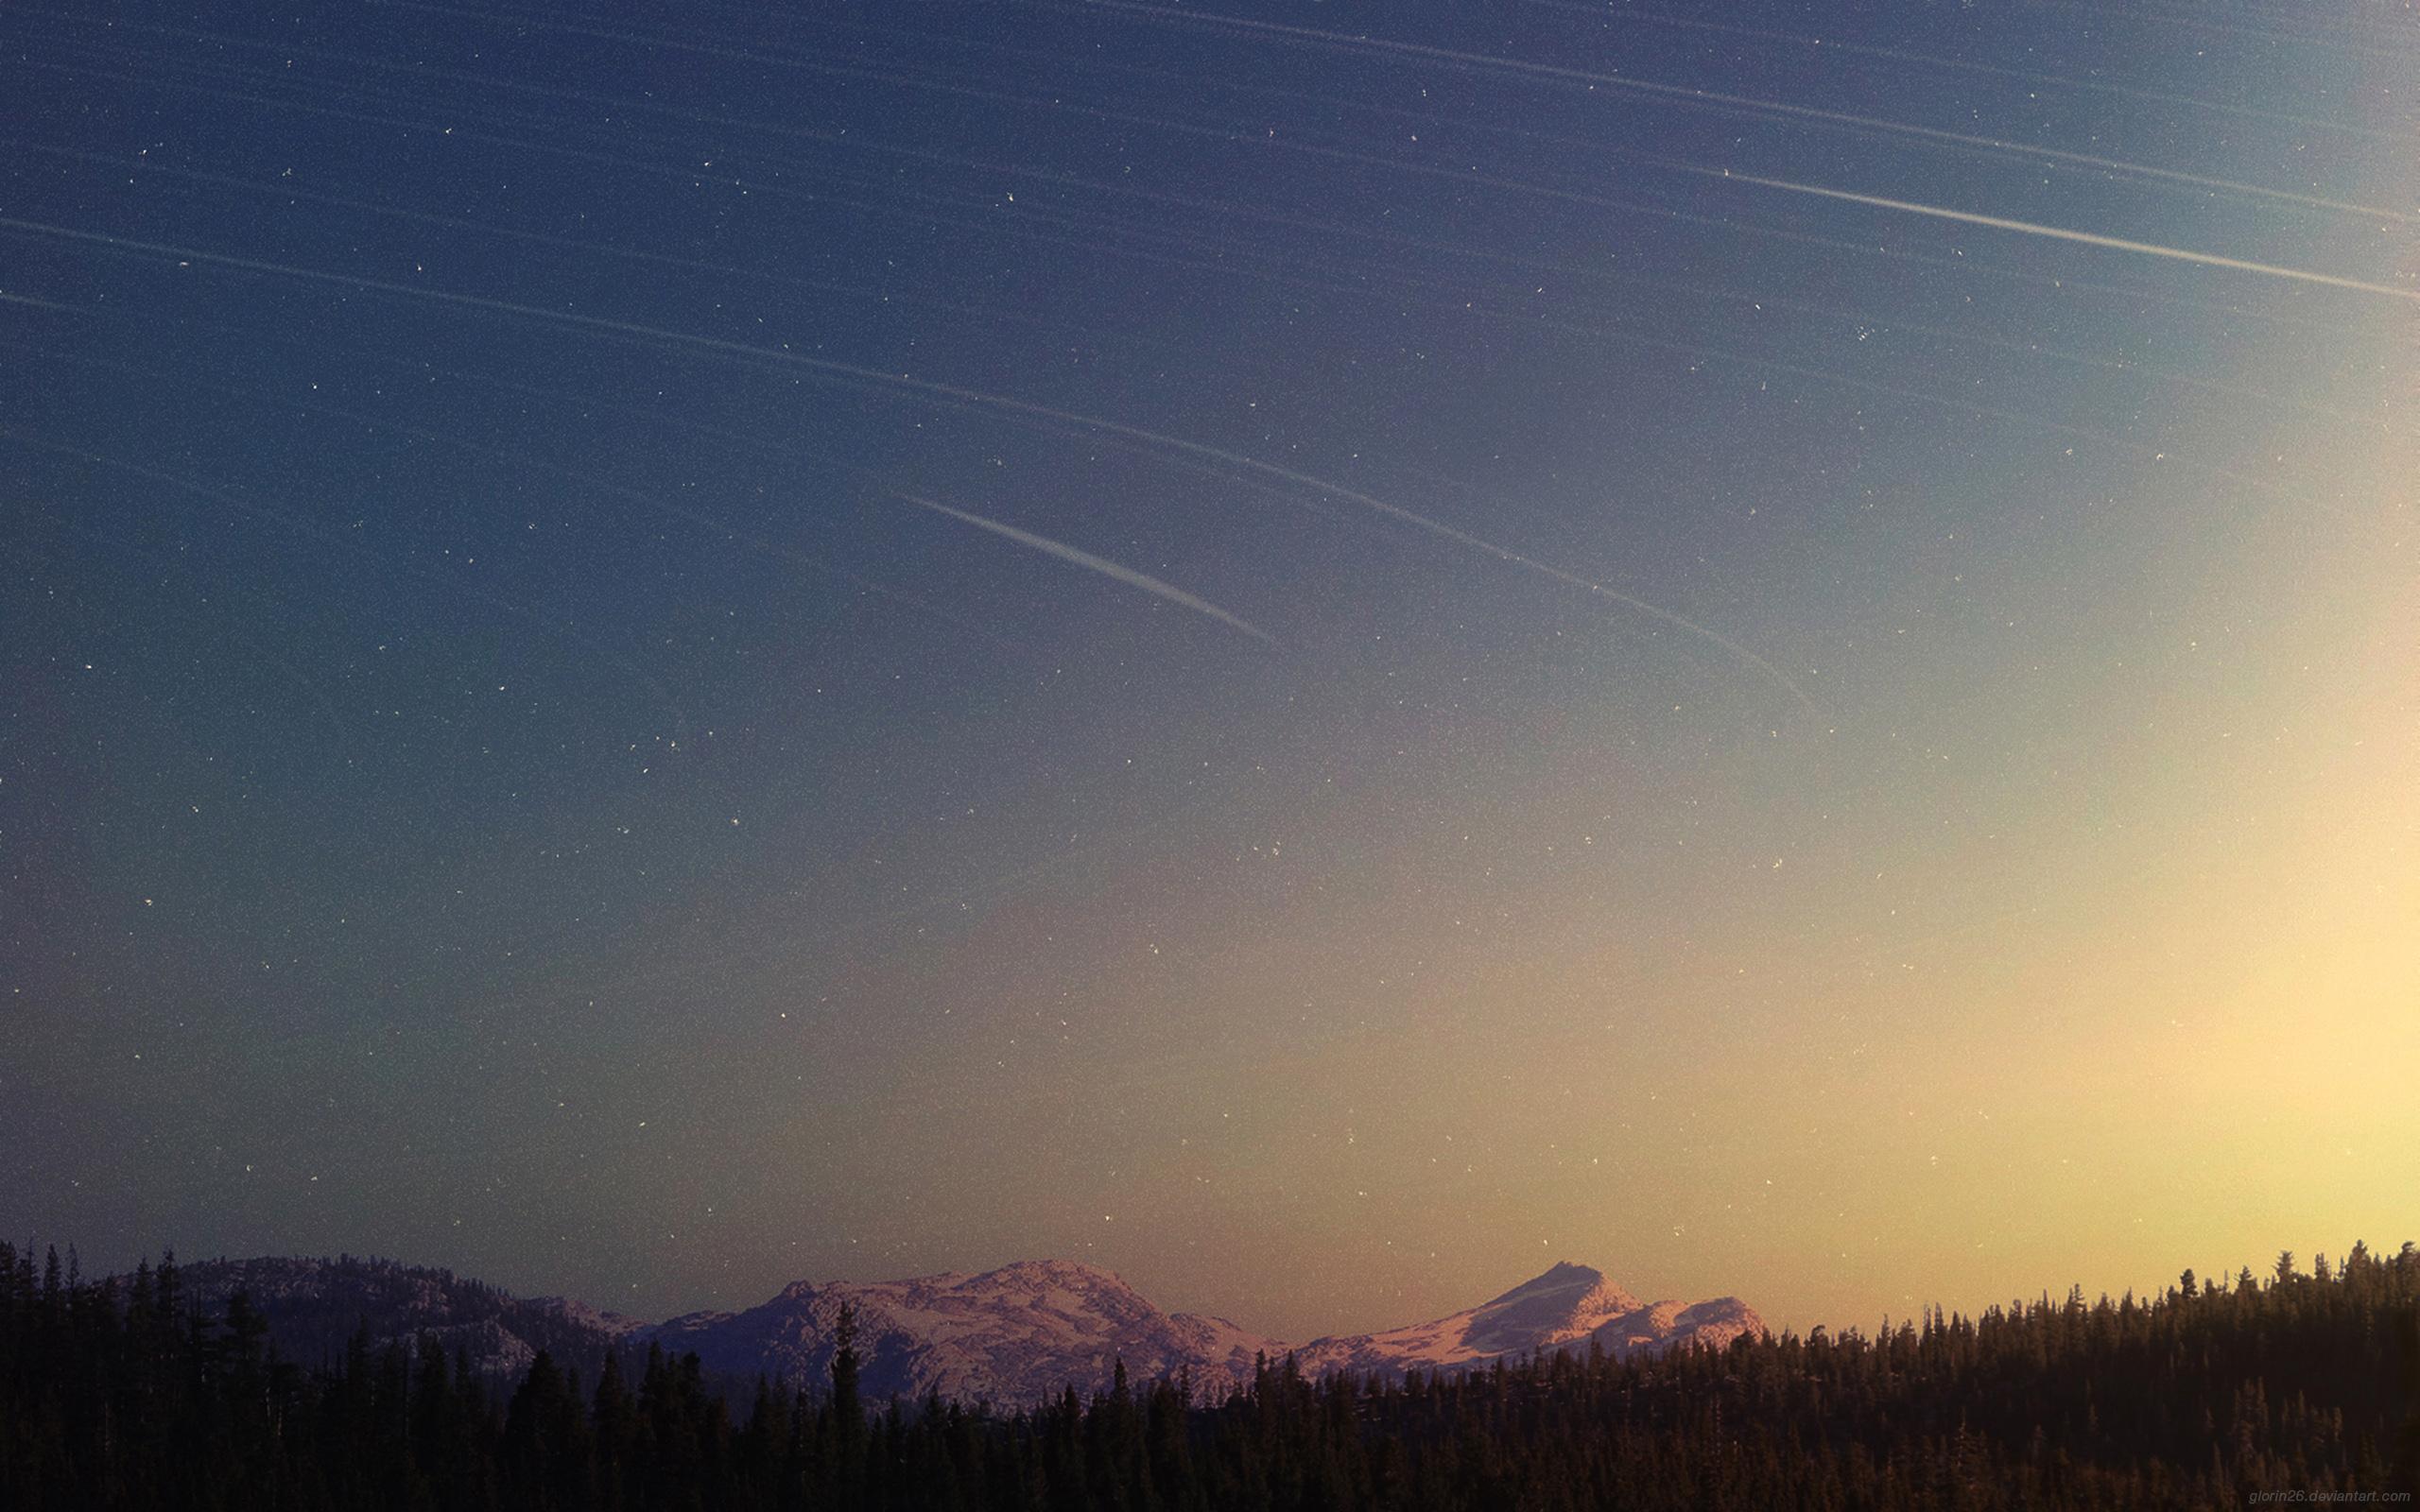 Wild Night, forest, mountains, pine trees, sunset, dusk, horizon, sky, stars